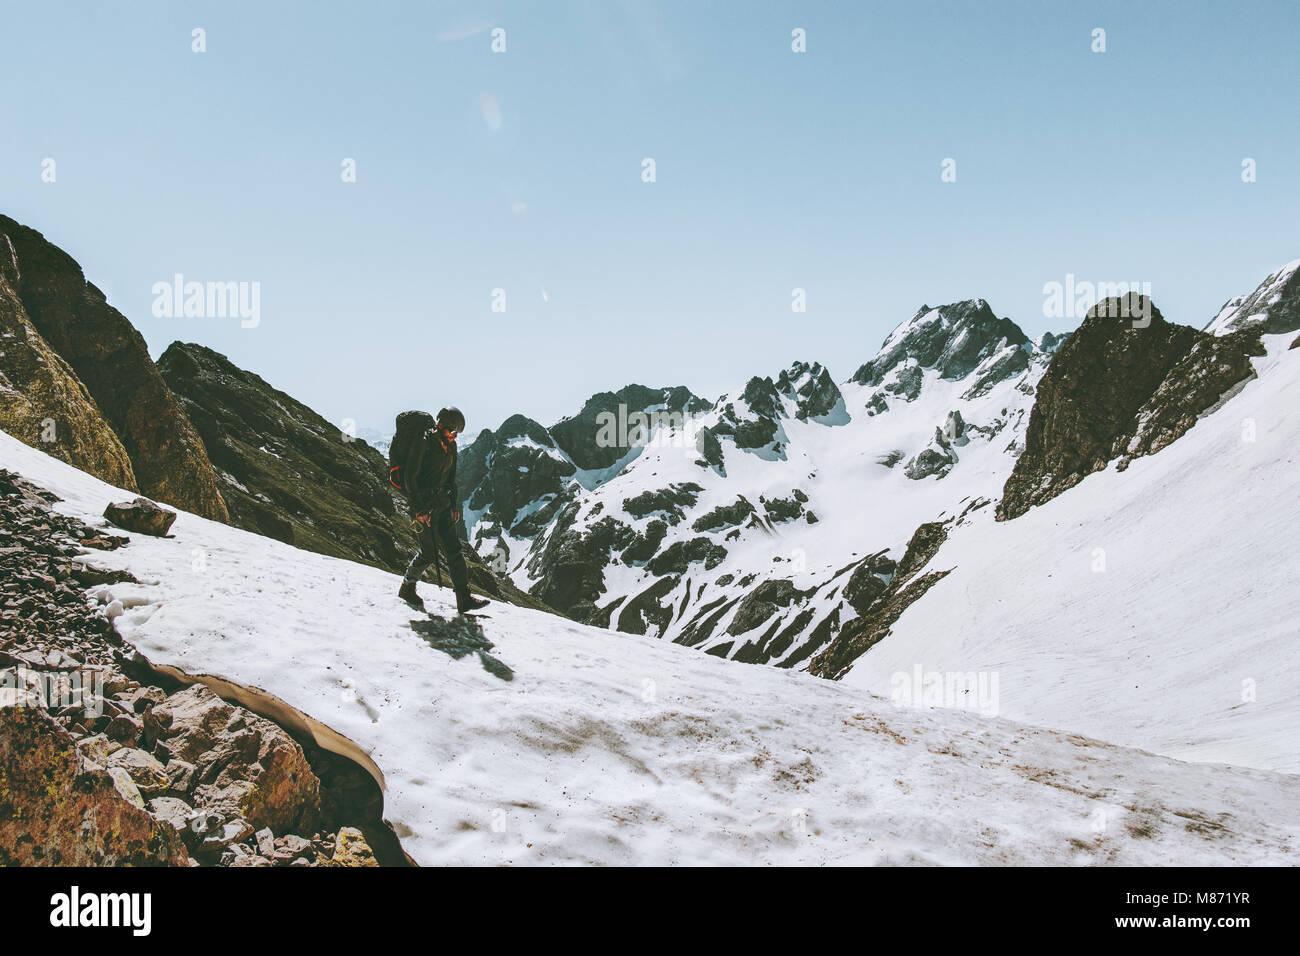 L'homme voyageur avec sac à dos en randonnée dans les montagnes enneigées de vie survie Voyage Photo Stock